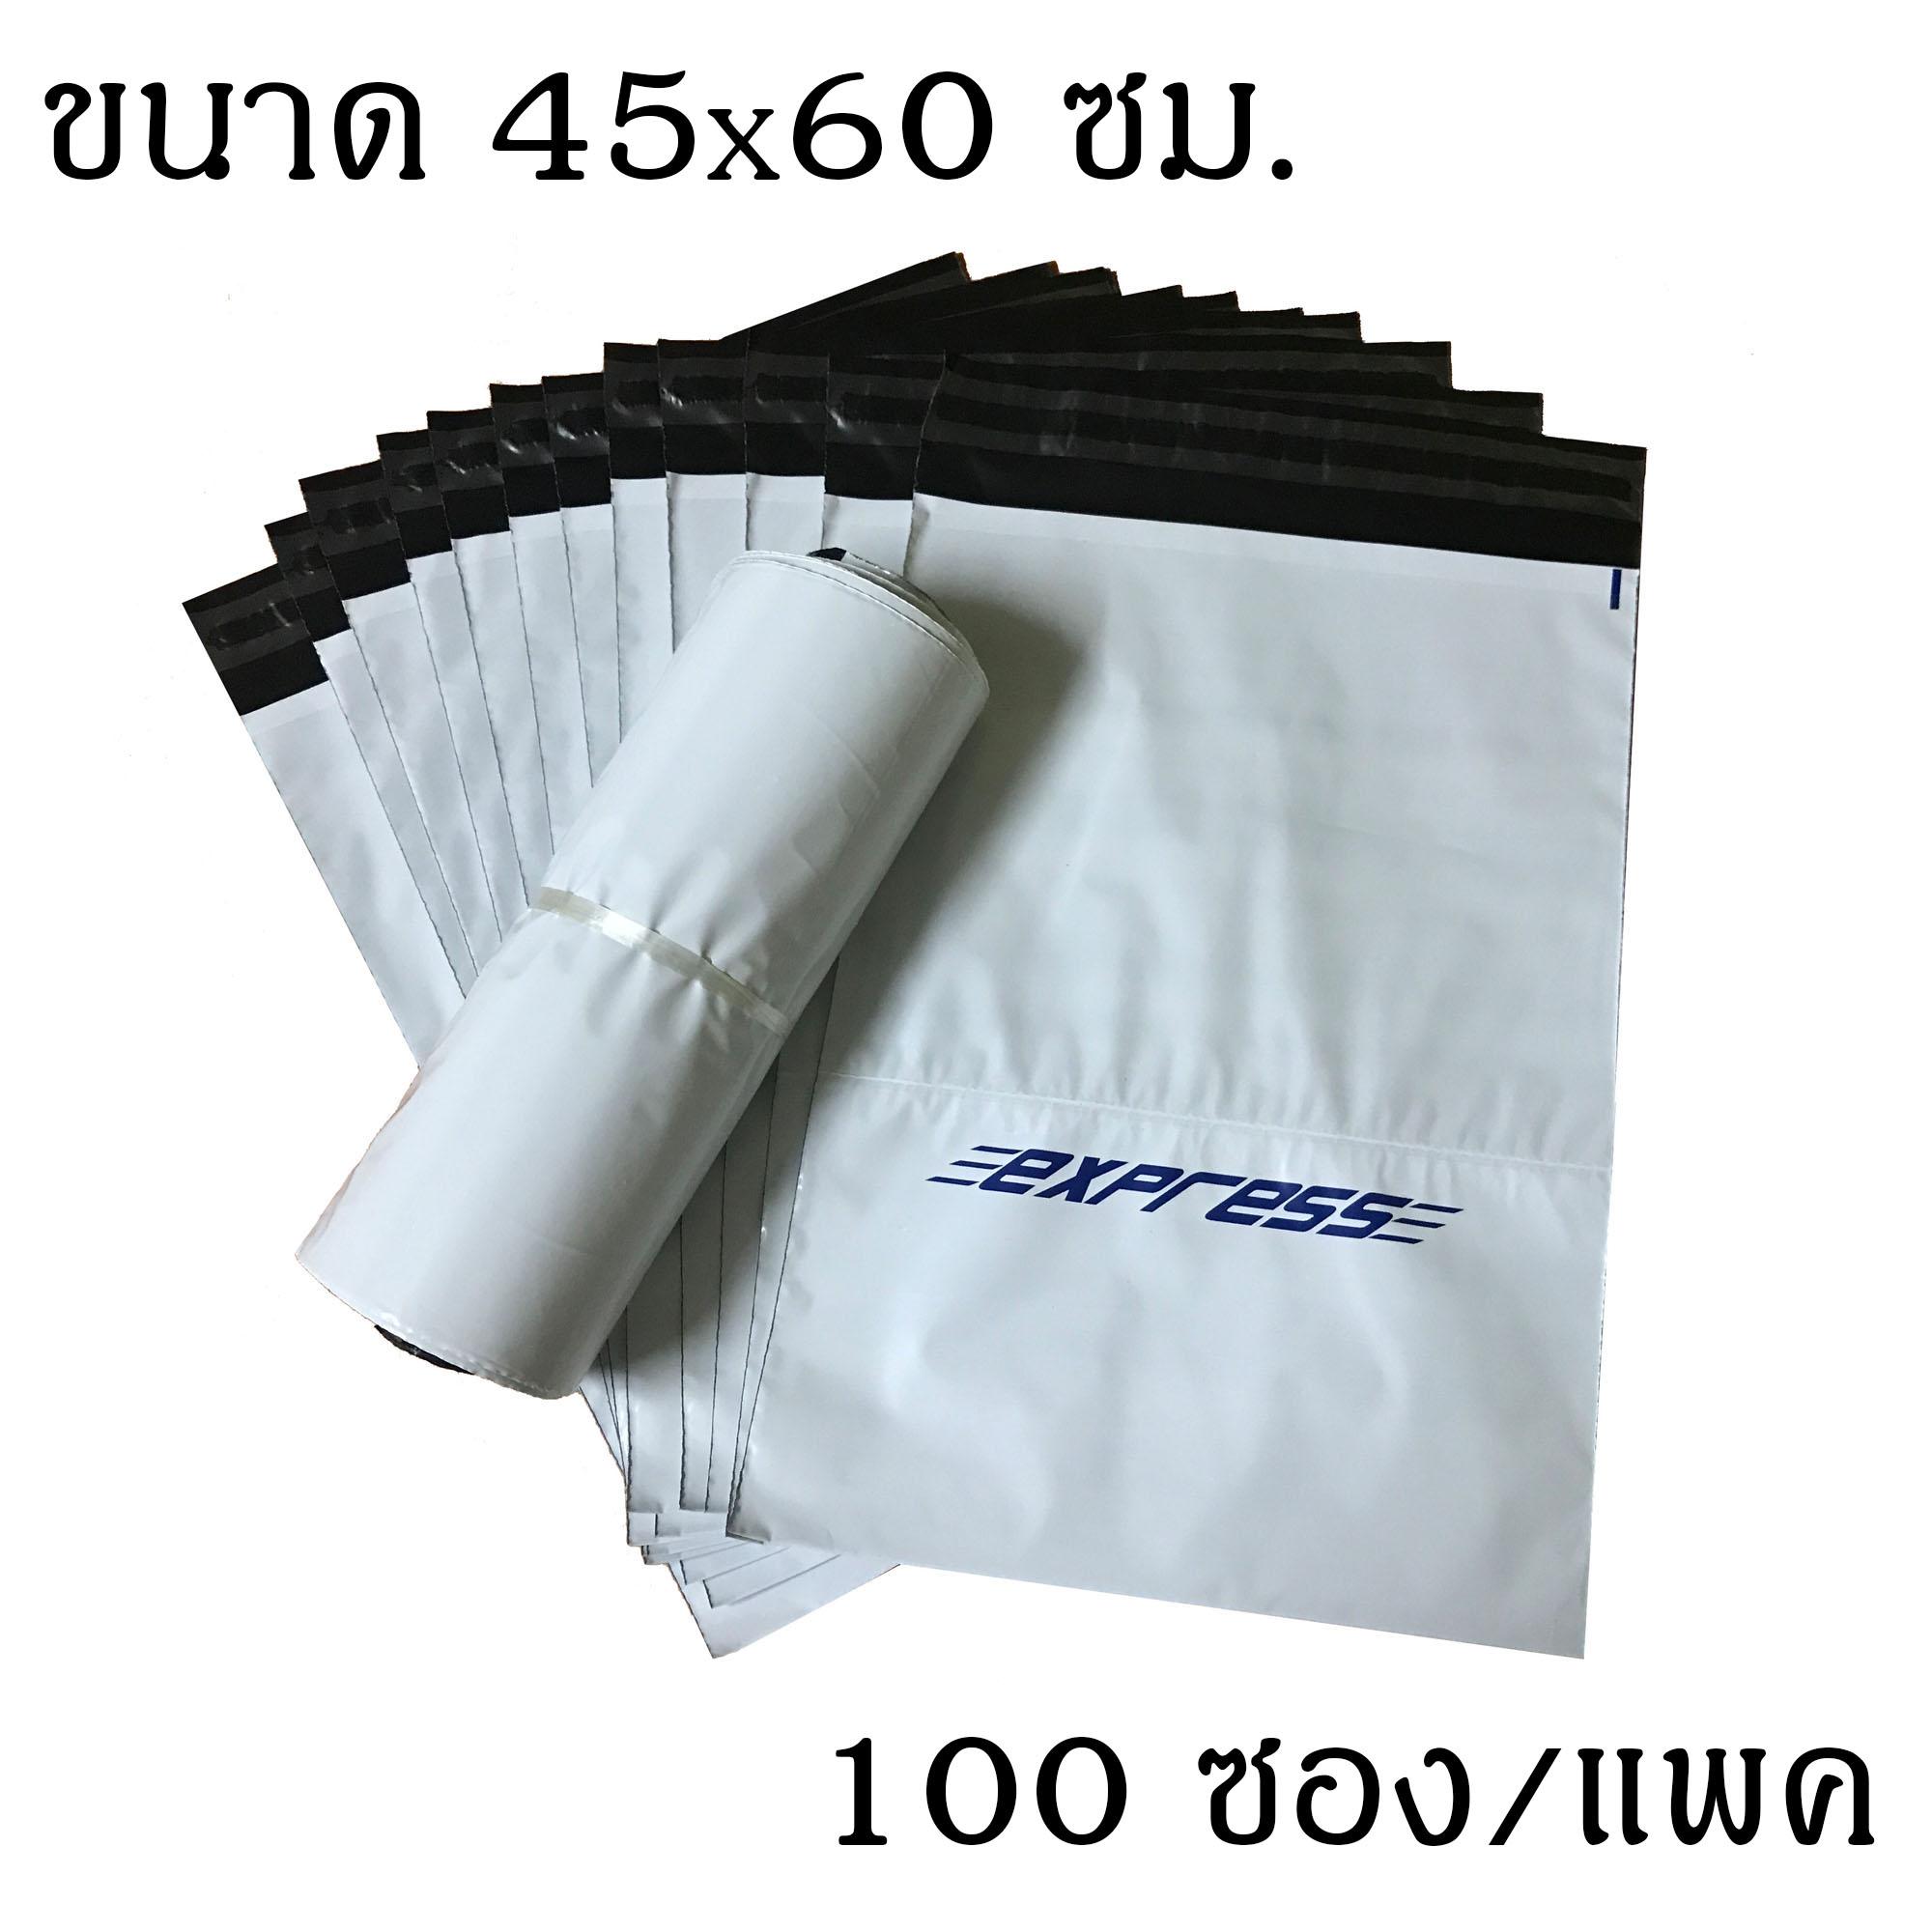 ซองไปรษณีย์พลาสติกพร้อมซองใส ขนาด 45x60 ซม. 100ซอง/แพค